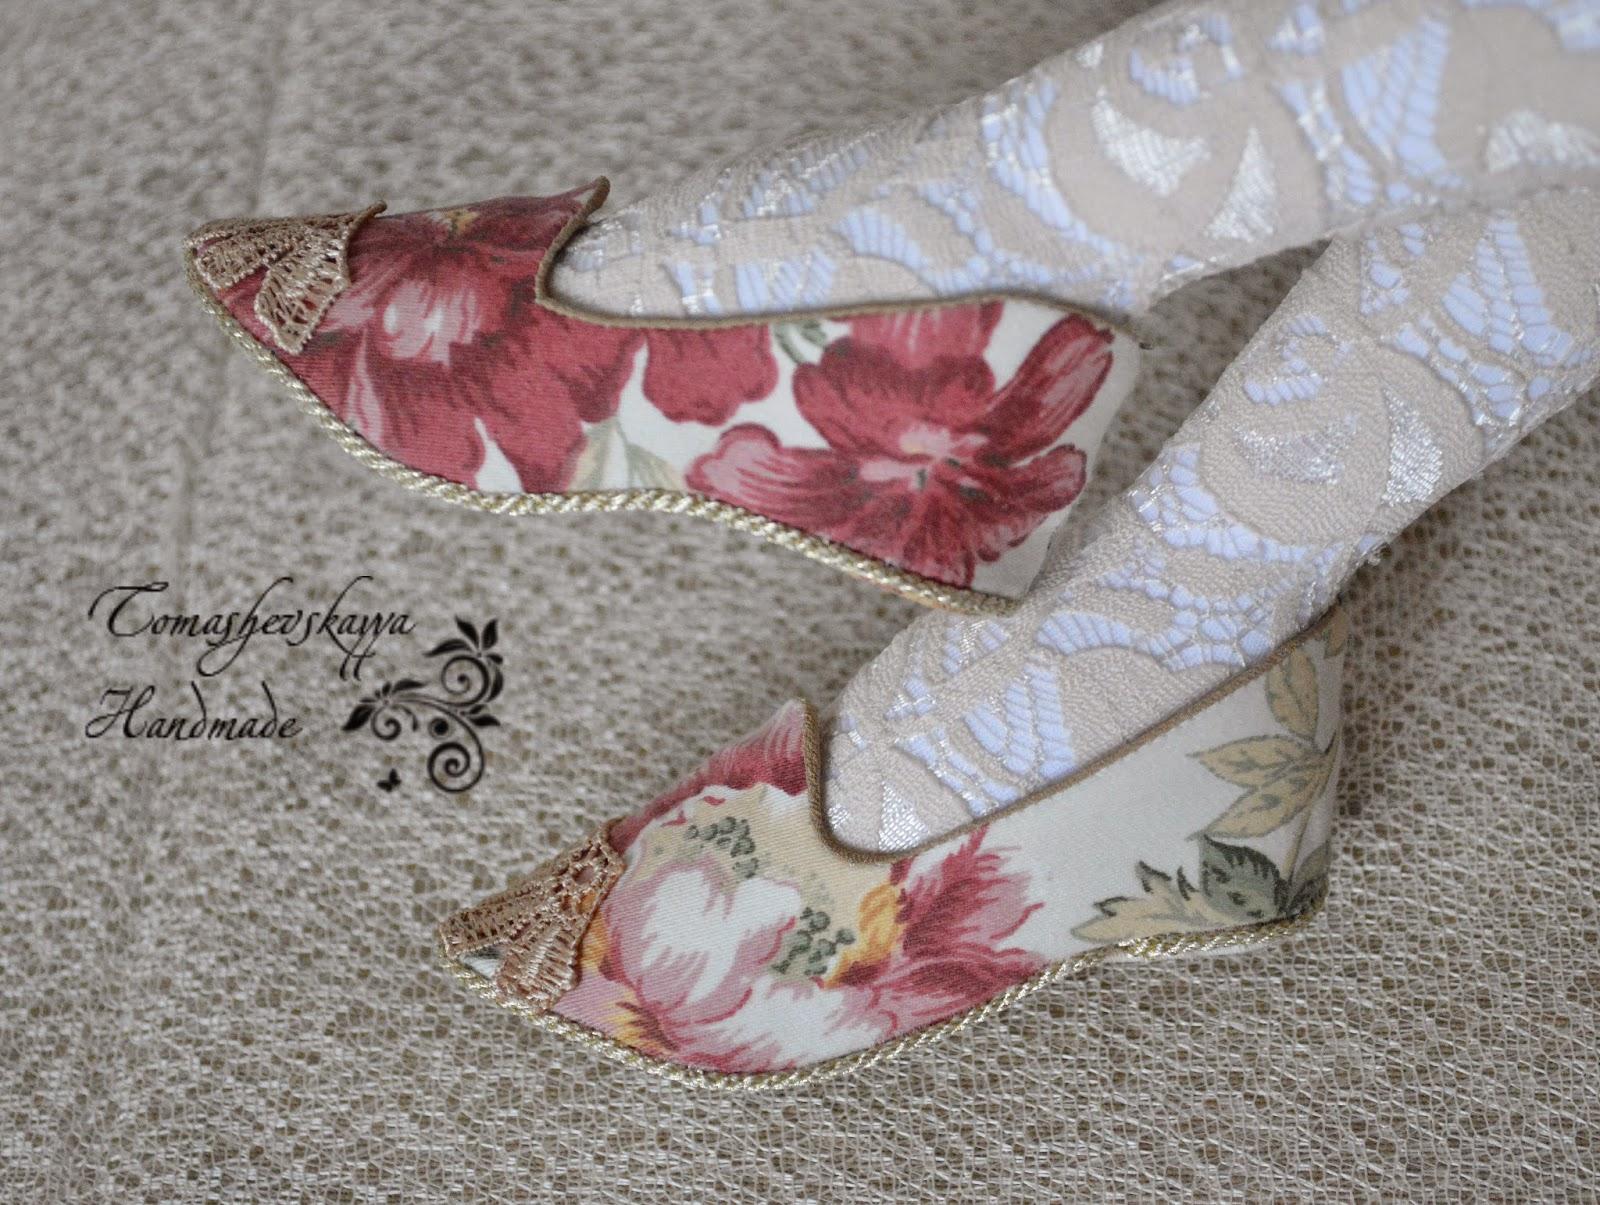 Съемные туфли для куклы